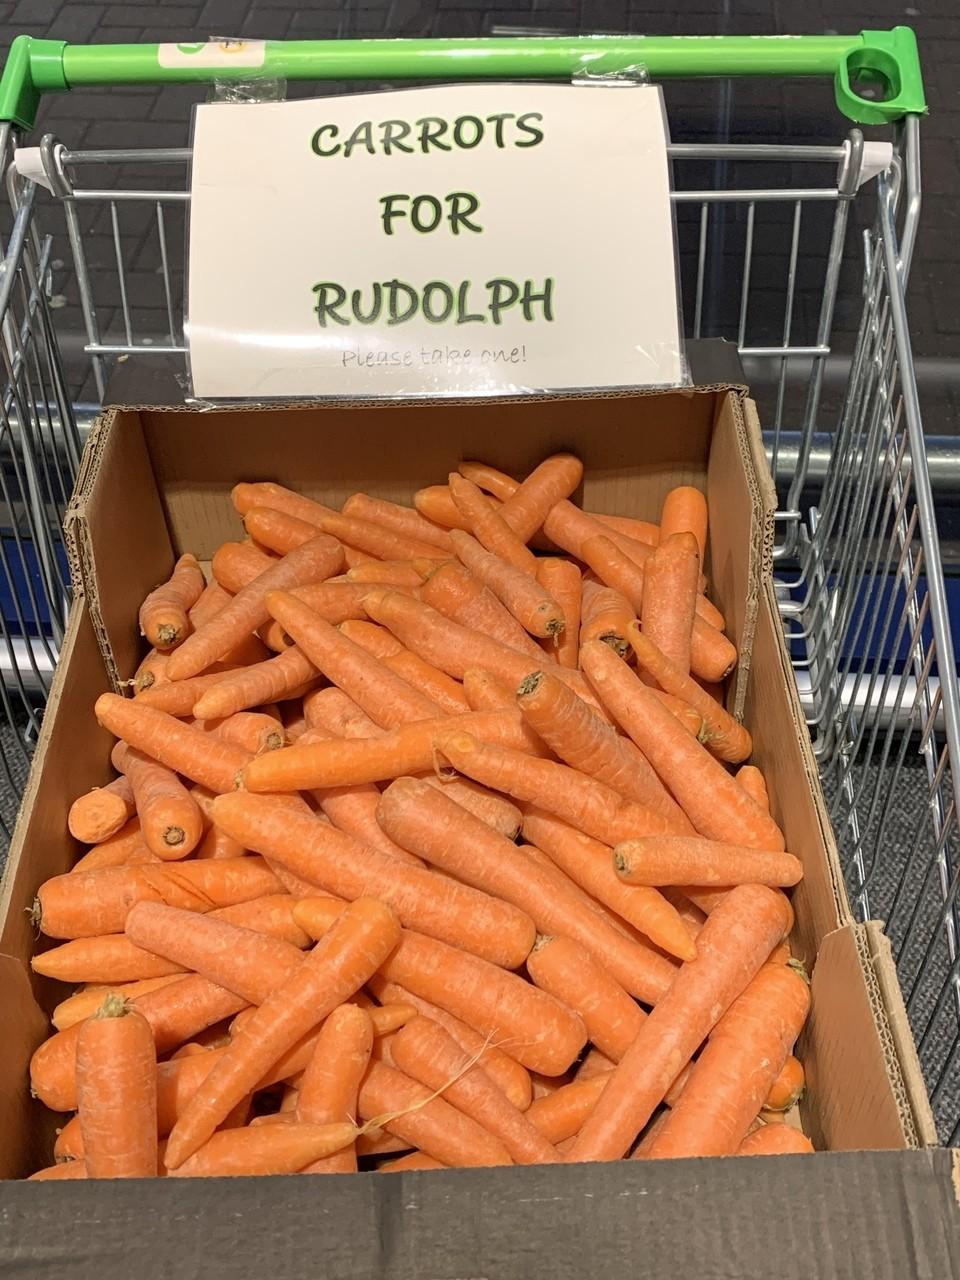 Carrots for Rudolph | Asda Aberdeen Beach